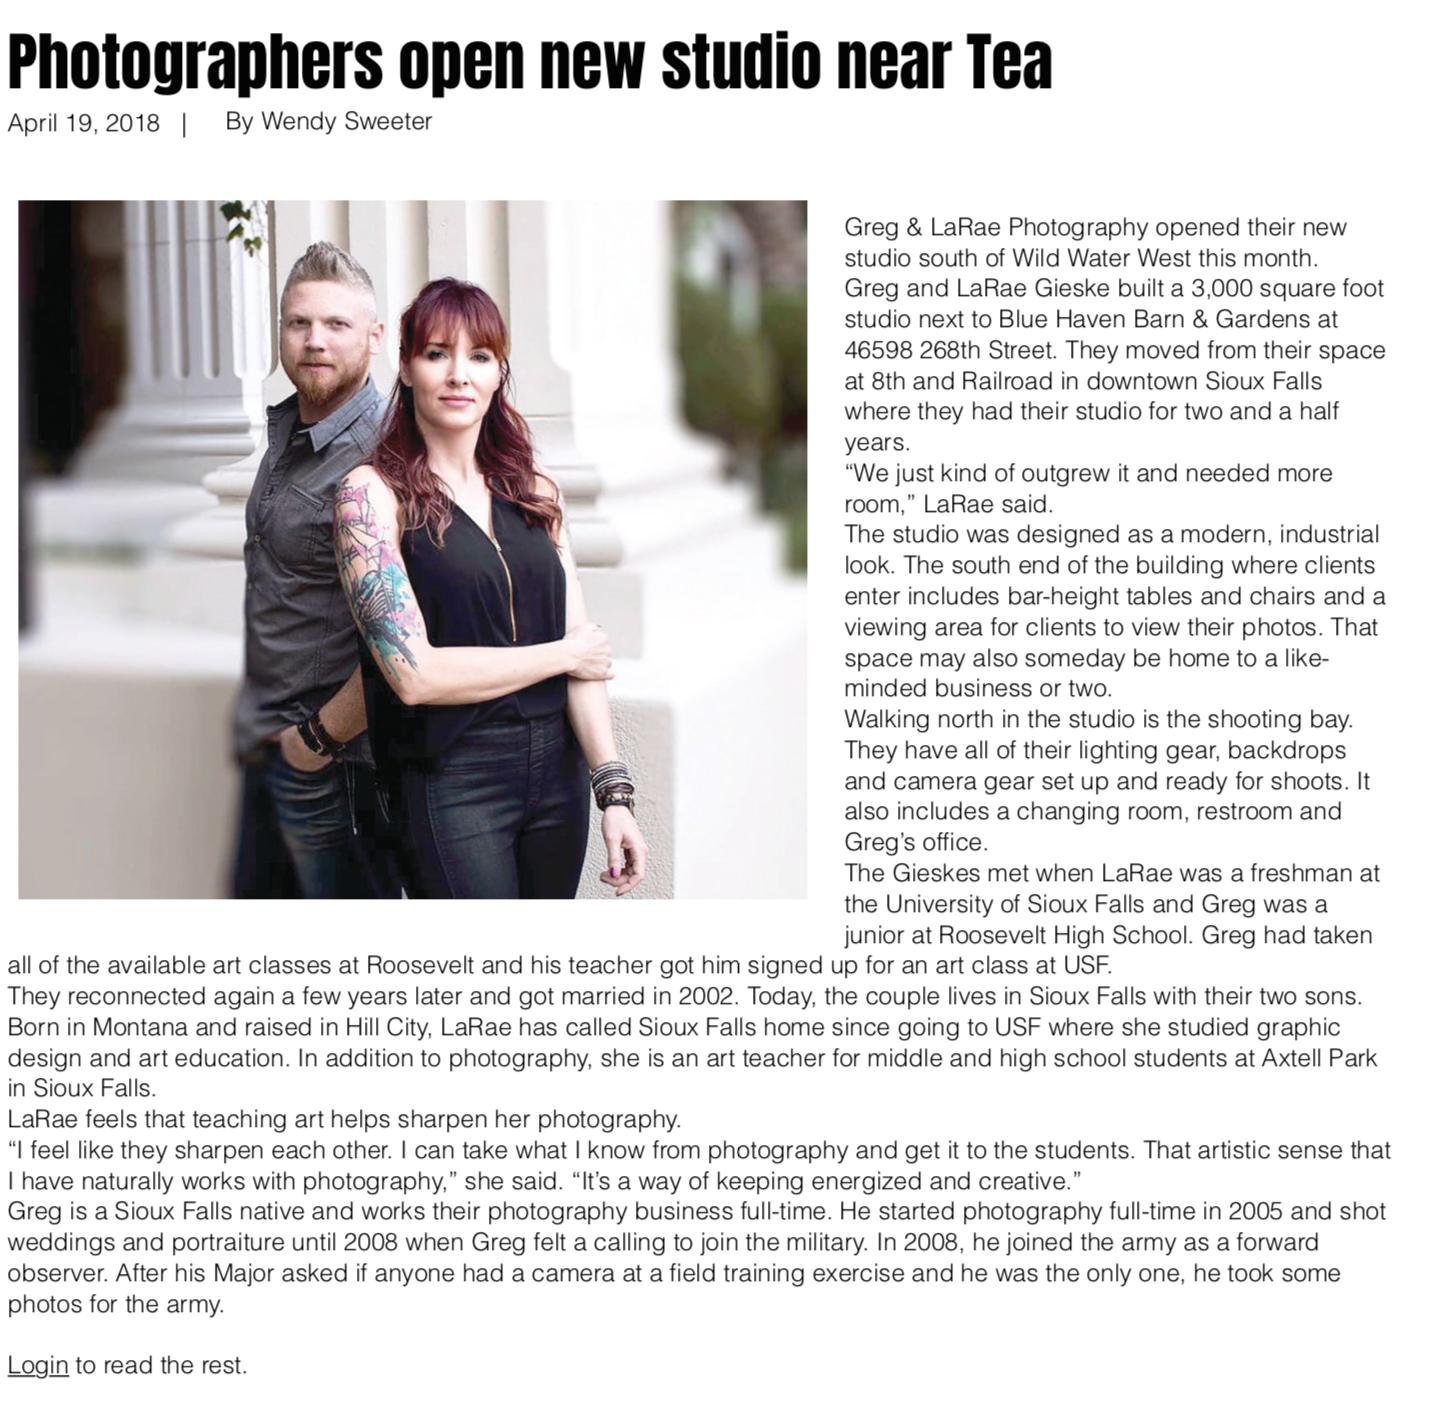 Tea Weekly News Paper